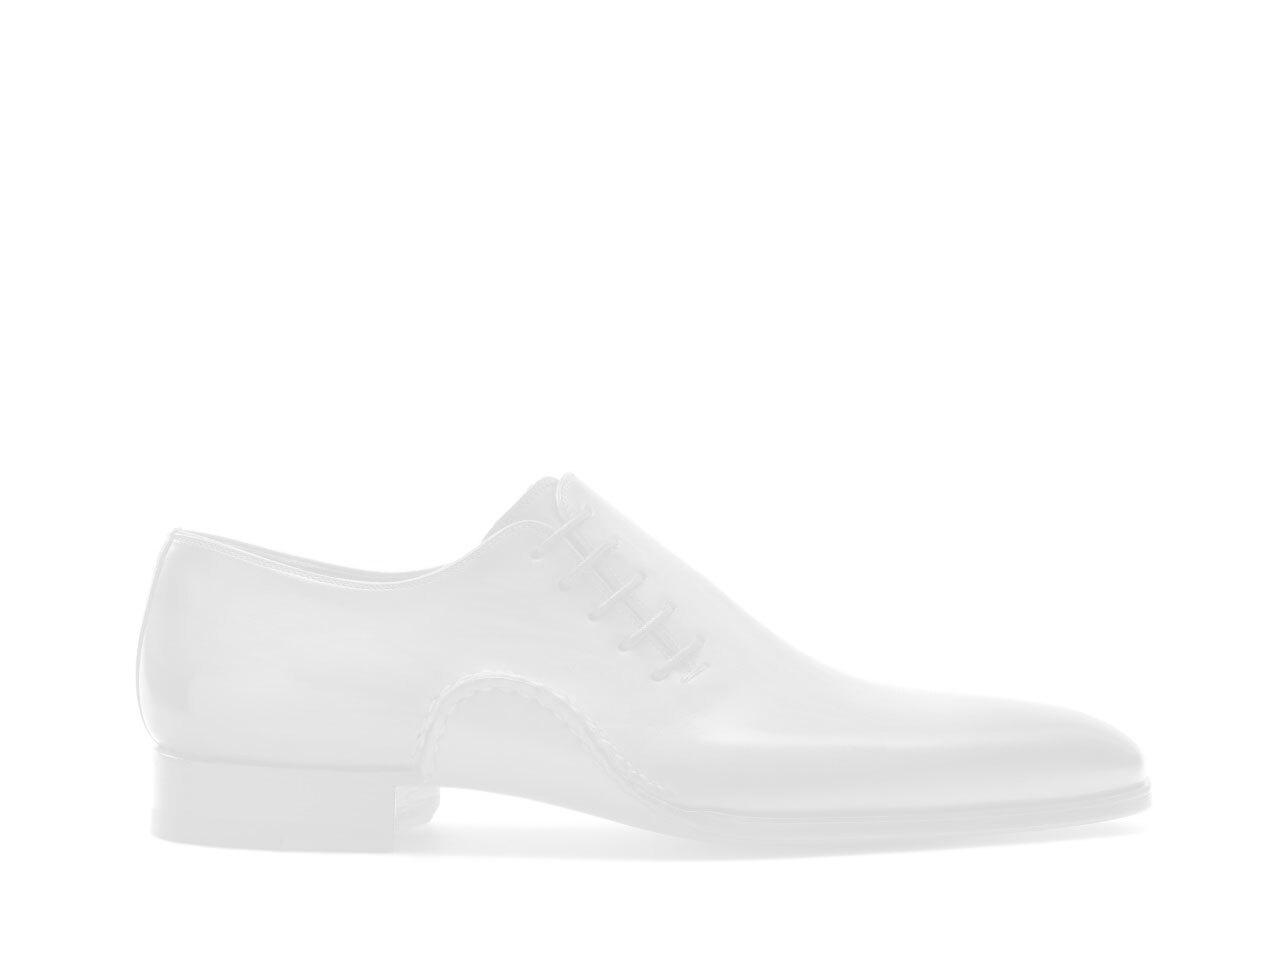 Sole of the Magnanni Cambados Cuero Men's Derby Shoes